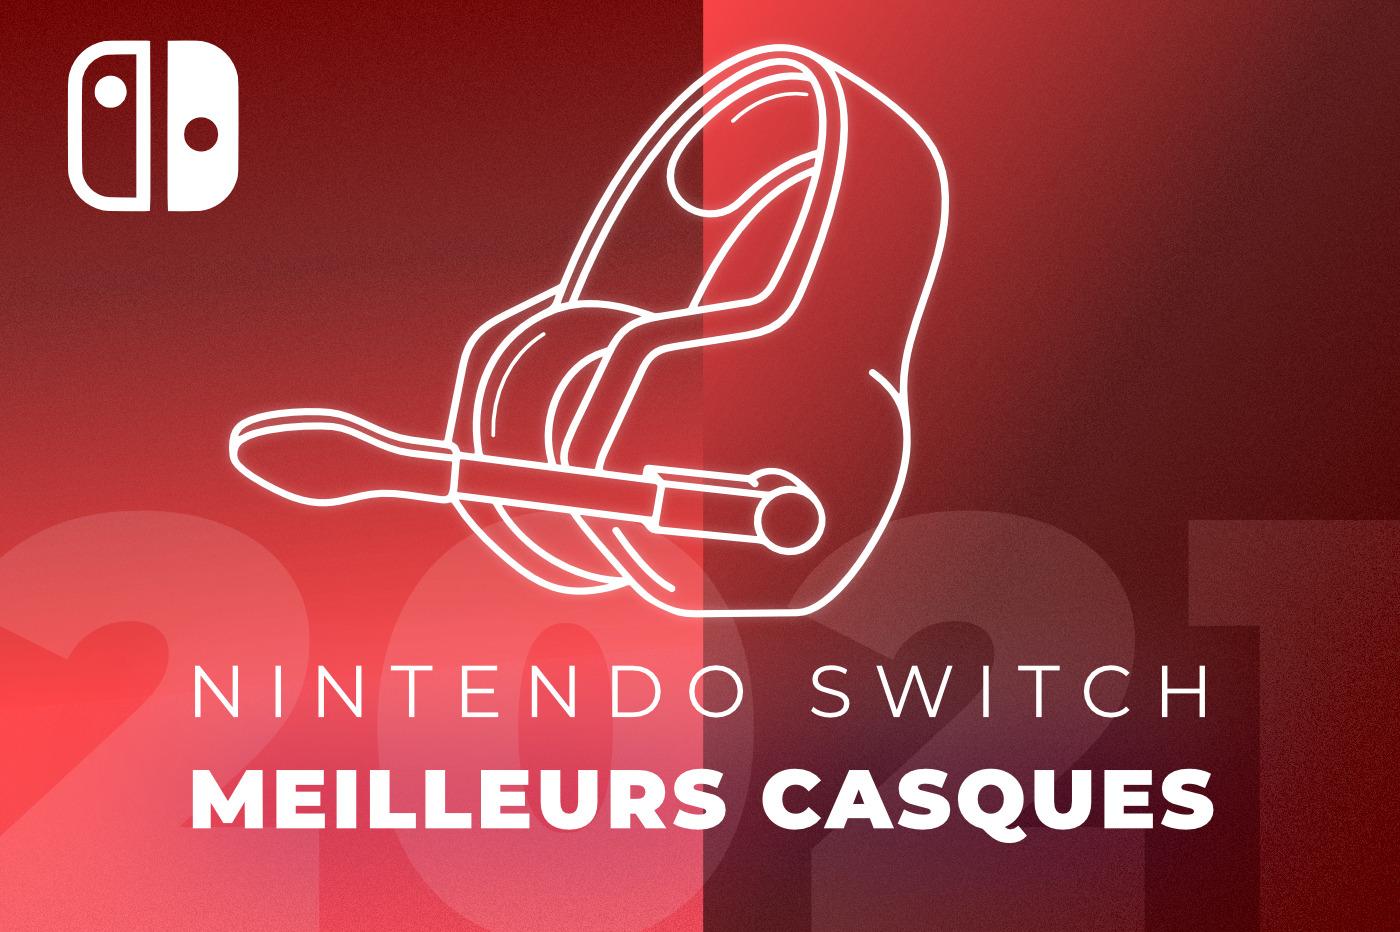 Quels sont les meilleurs casques Nintendo Switch en 2021 ?